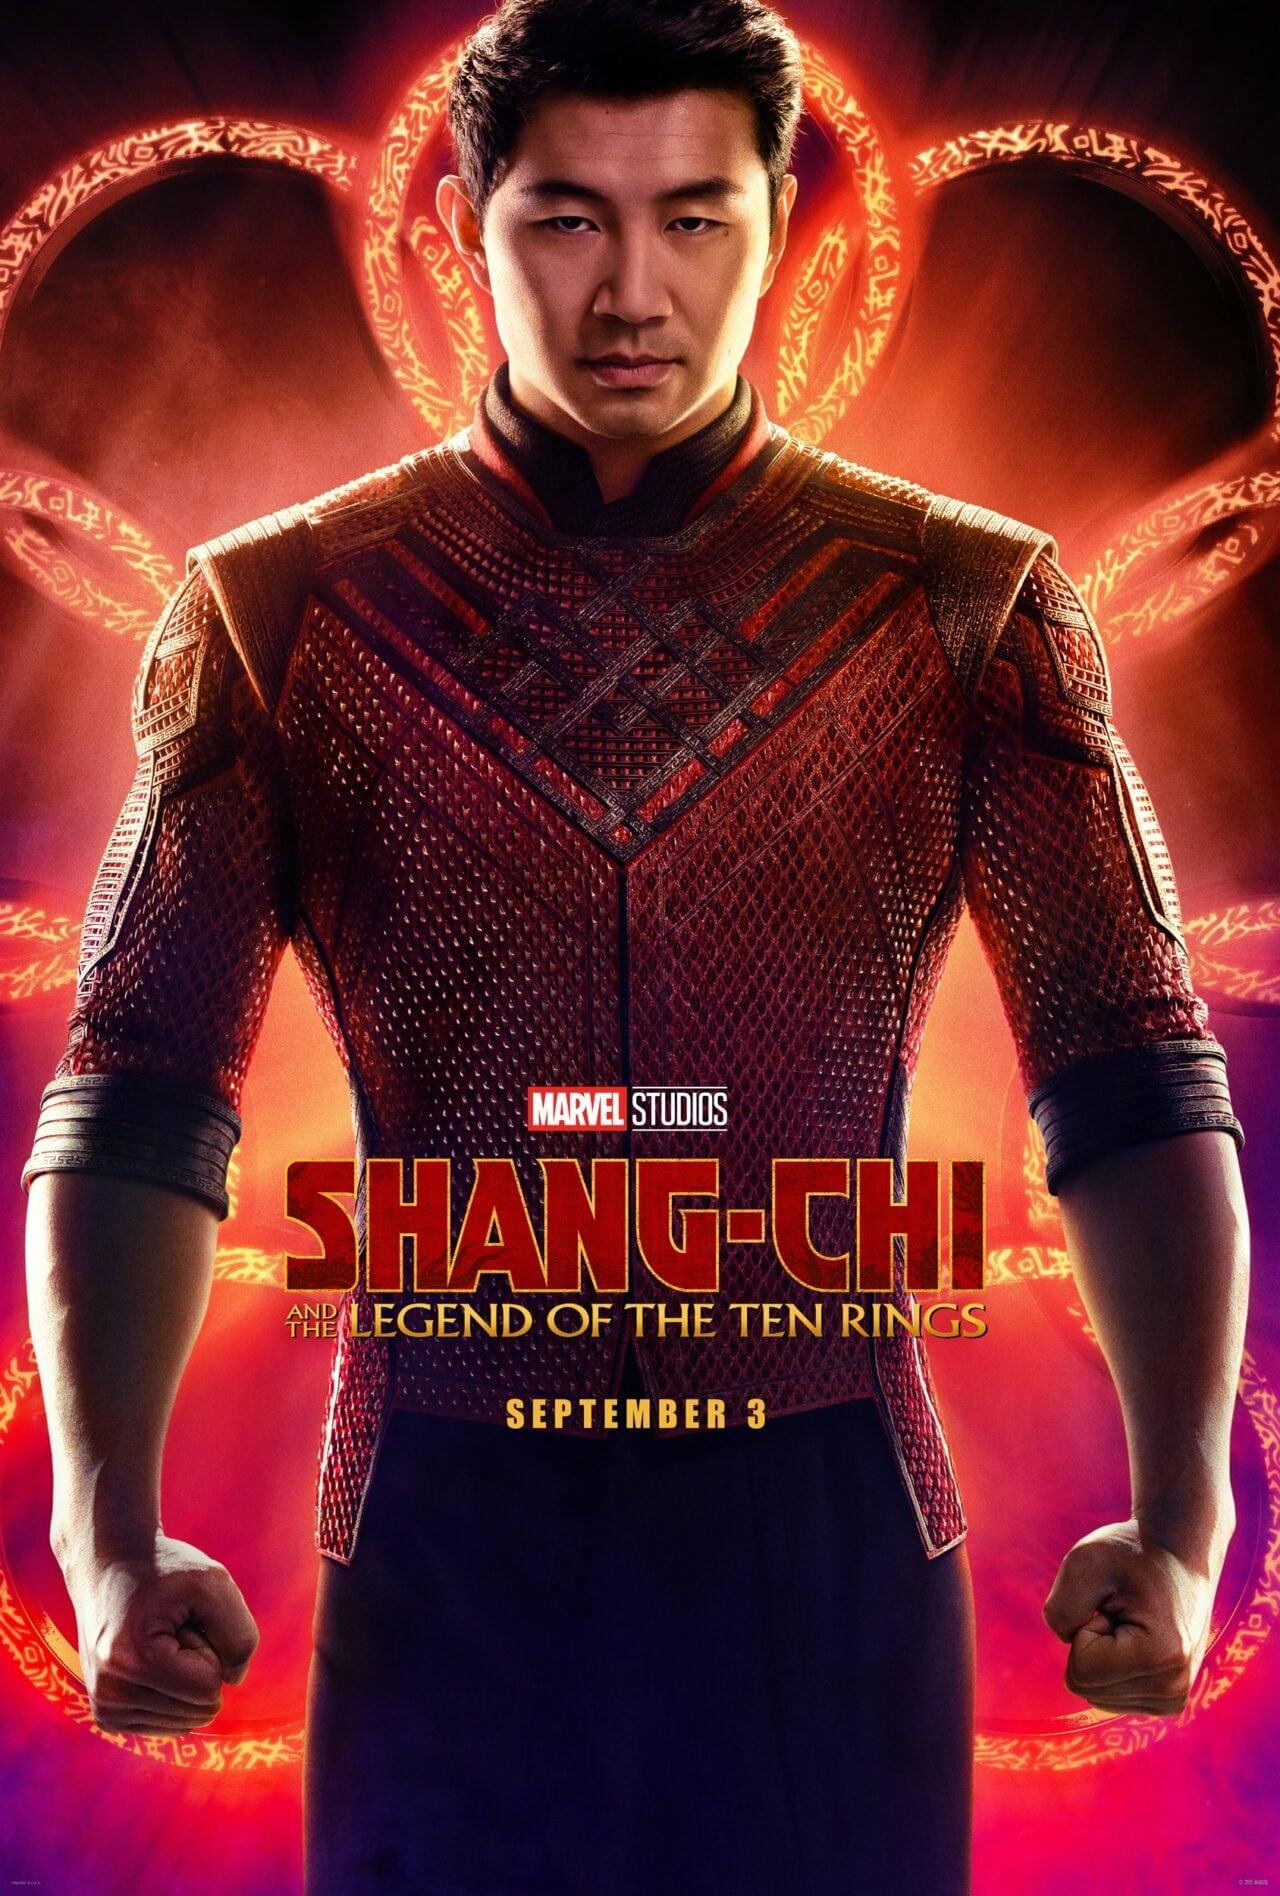 Marvel rilascia il primo trailer Shang-Chi e la leggenda dei Dieci Anelli, il nuovo film in arrivo nel 2021 (video)